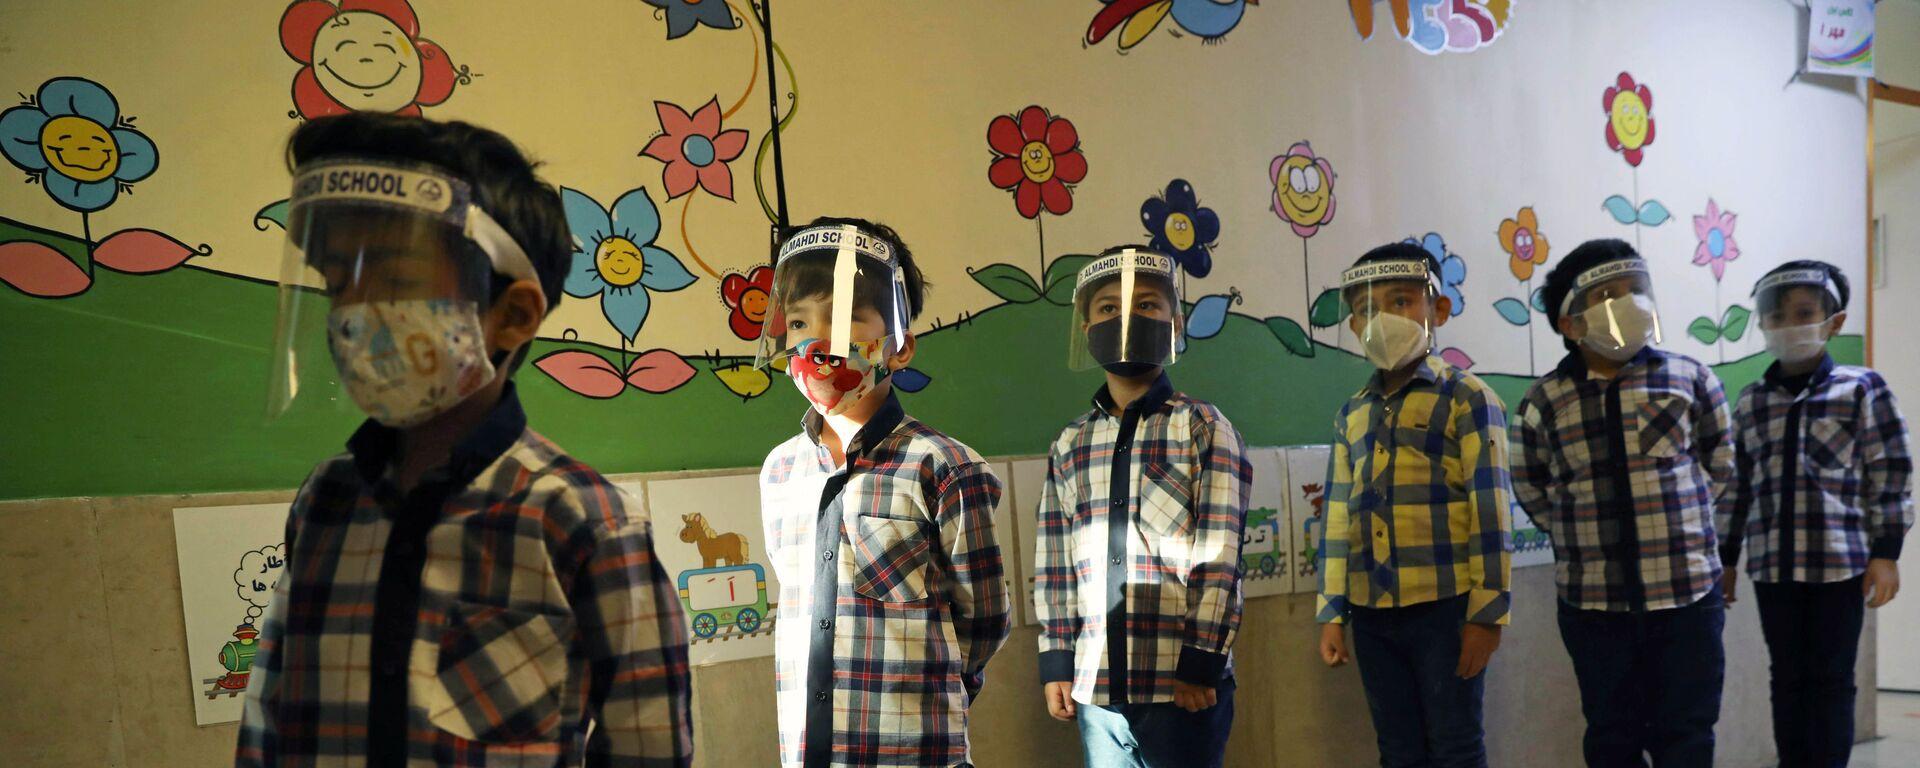 Дети в защитных экранах в школе в Тегеране  - Sputnik Таджикистан, 1920, 23.10.2020